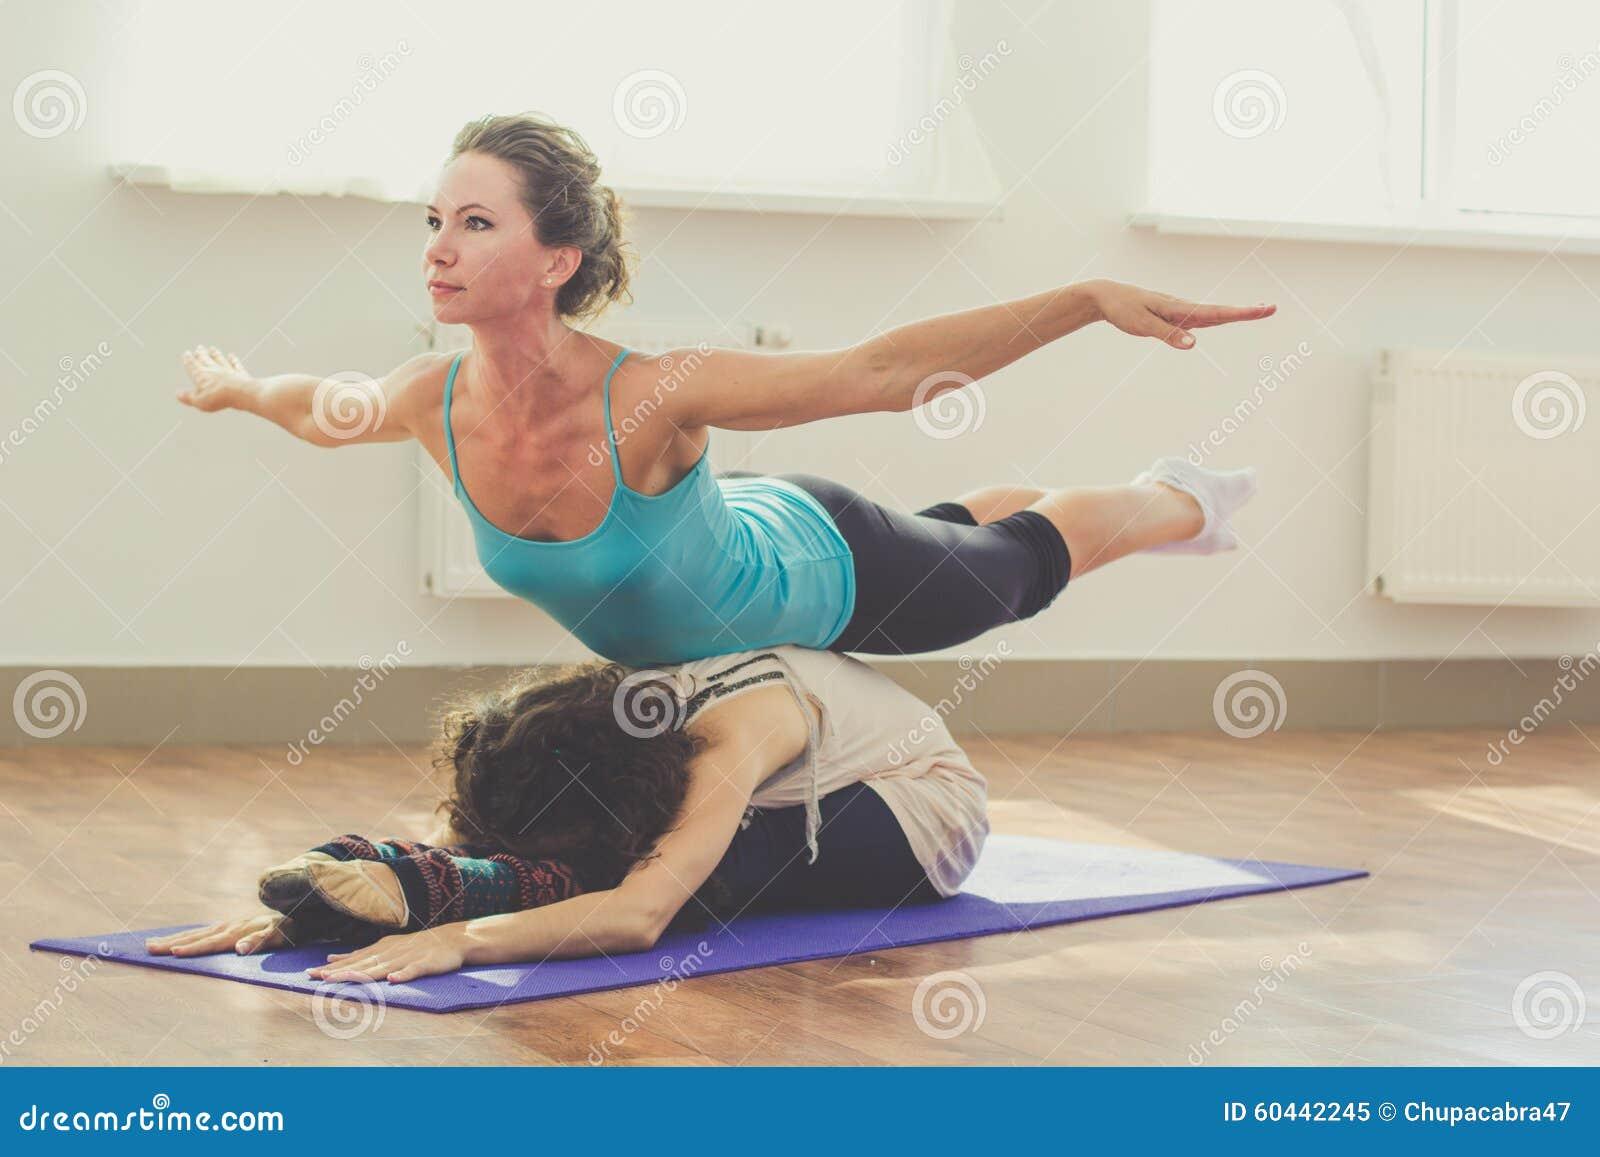 deux filles font le yoga l 39 int rieur image stock image du harmonie concentration 60442245. Black Bedroom Furniture Sets. Home Design Ideas